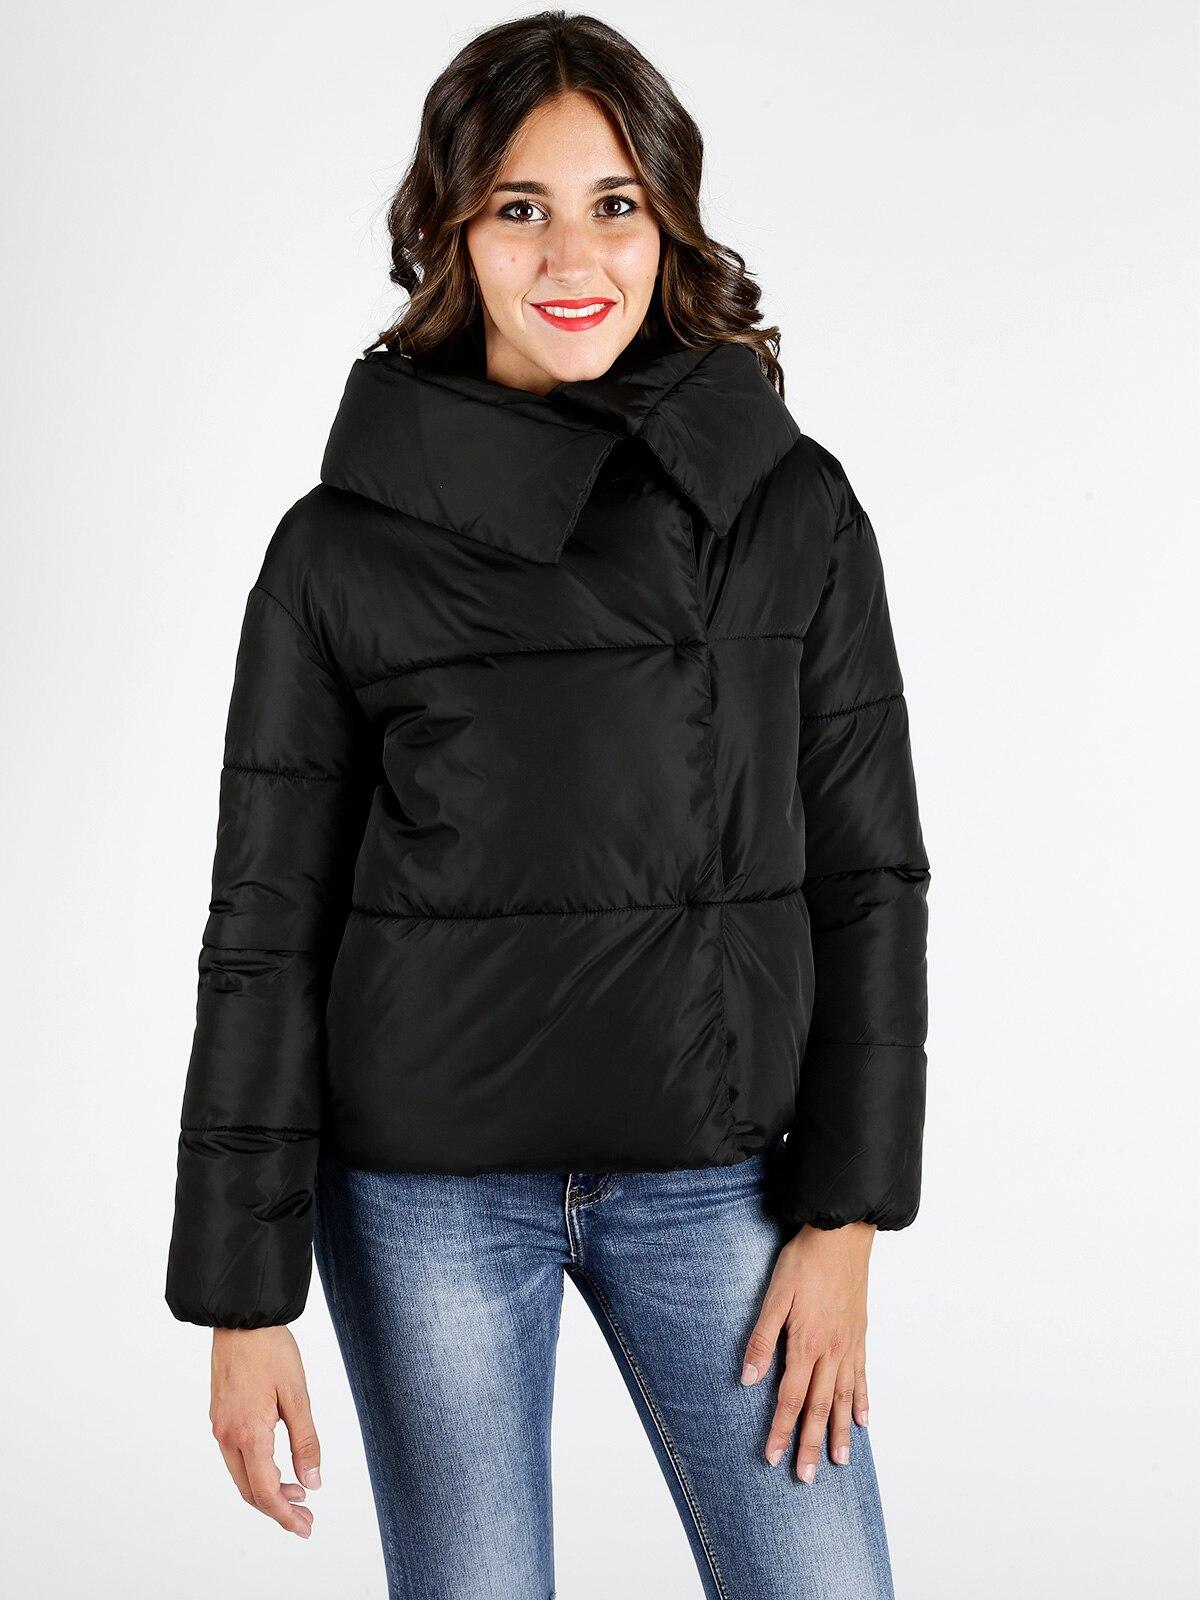 Femme noir coton single-breasted chaud veste manteau court